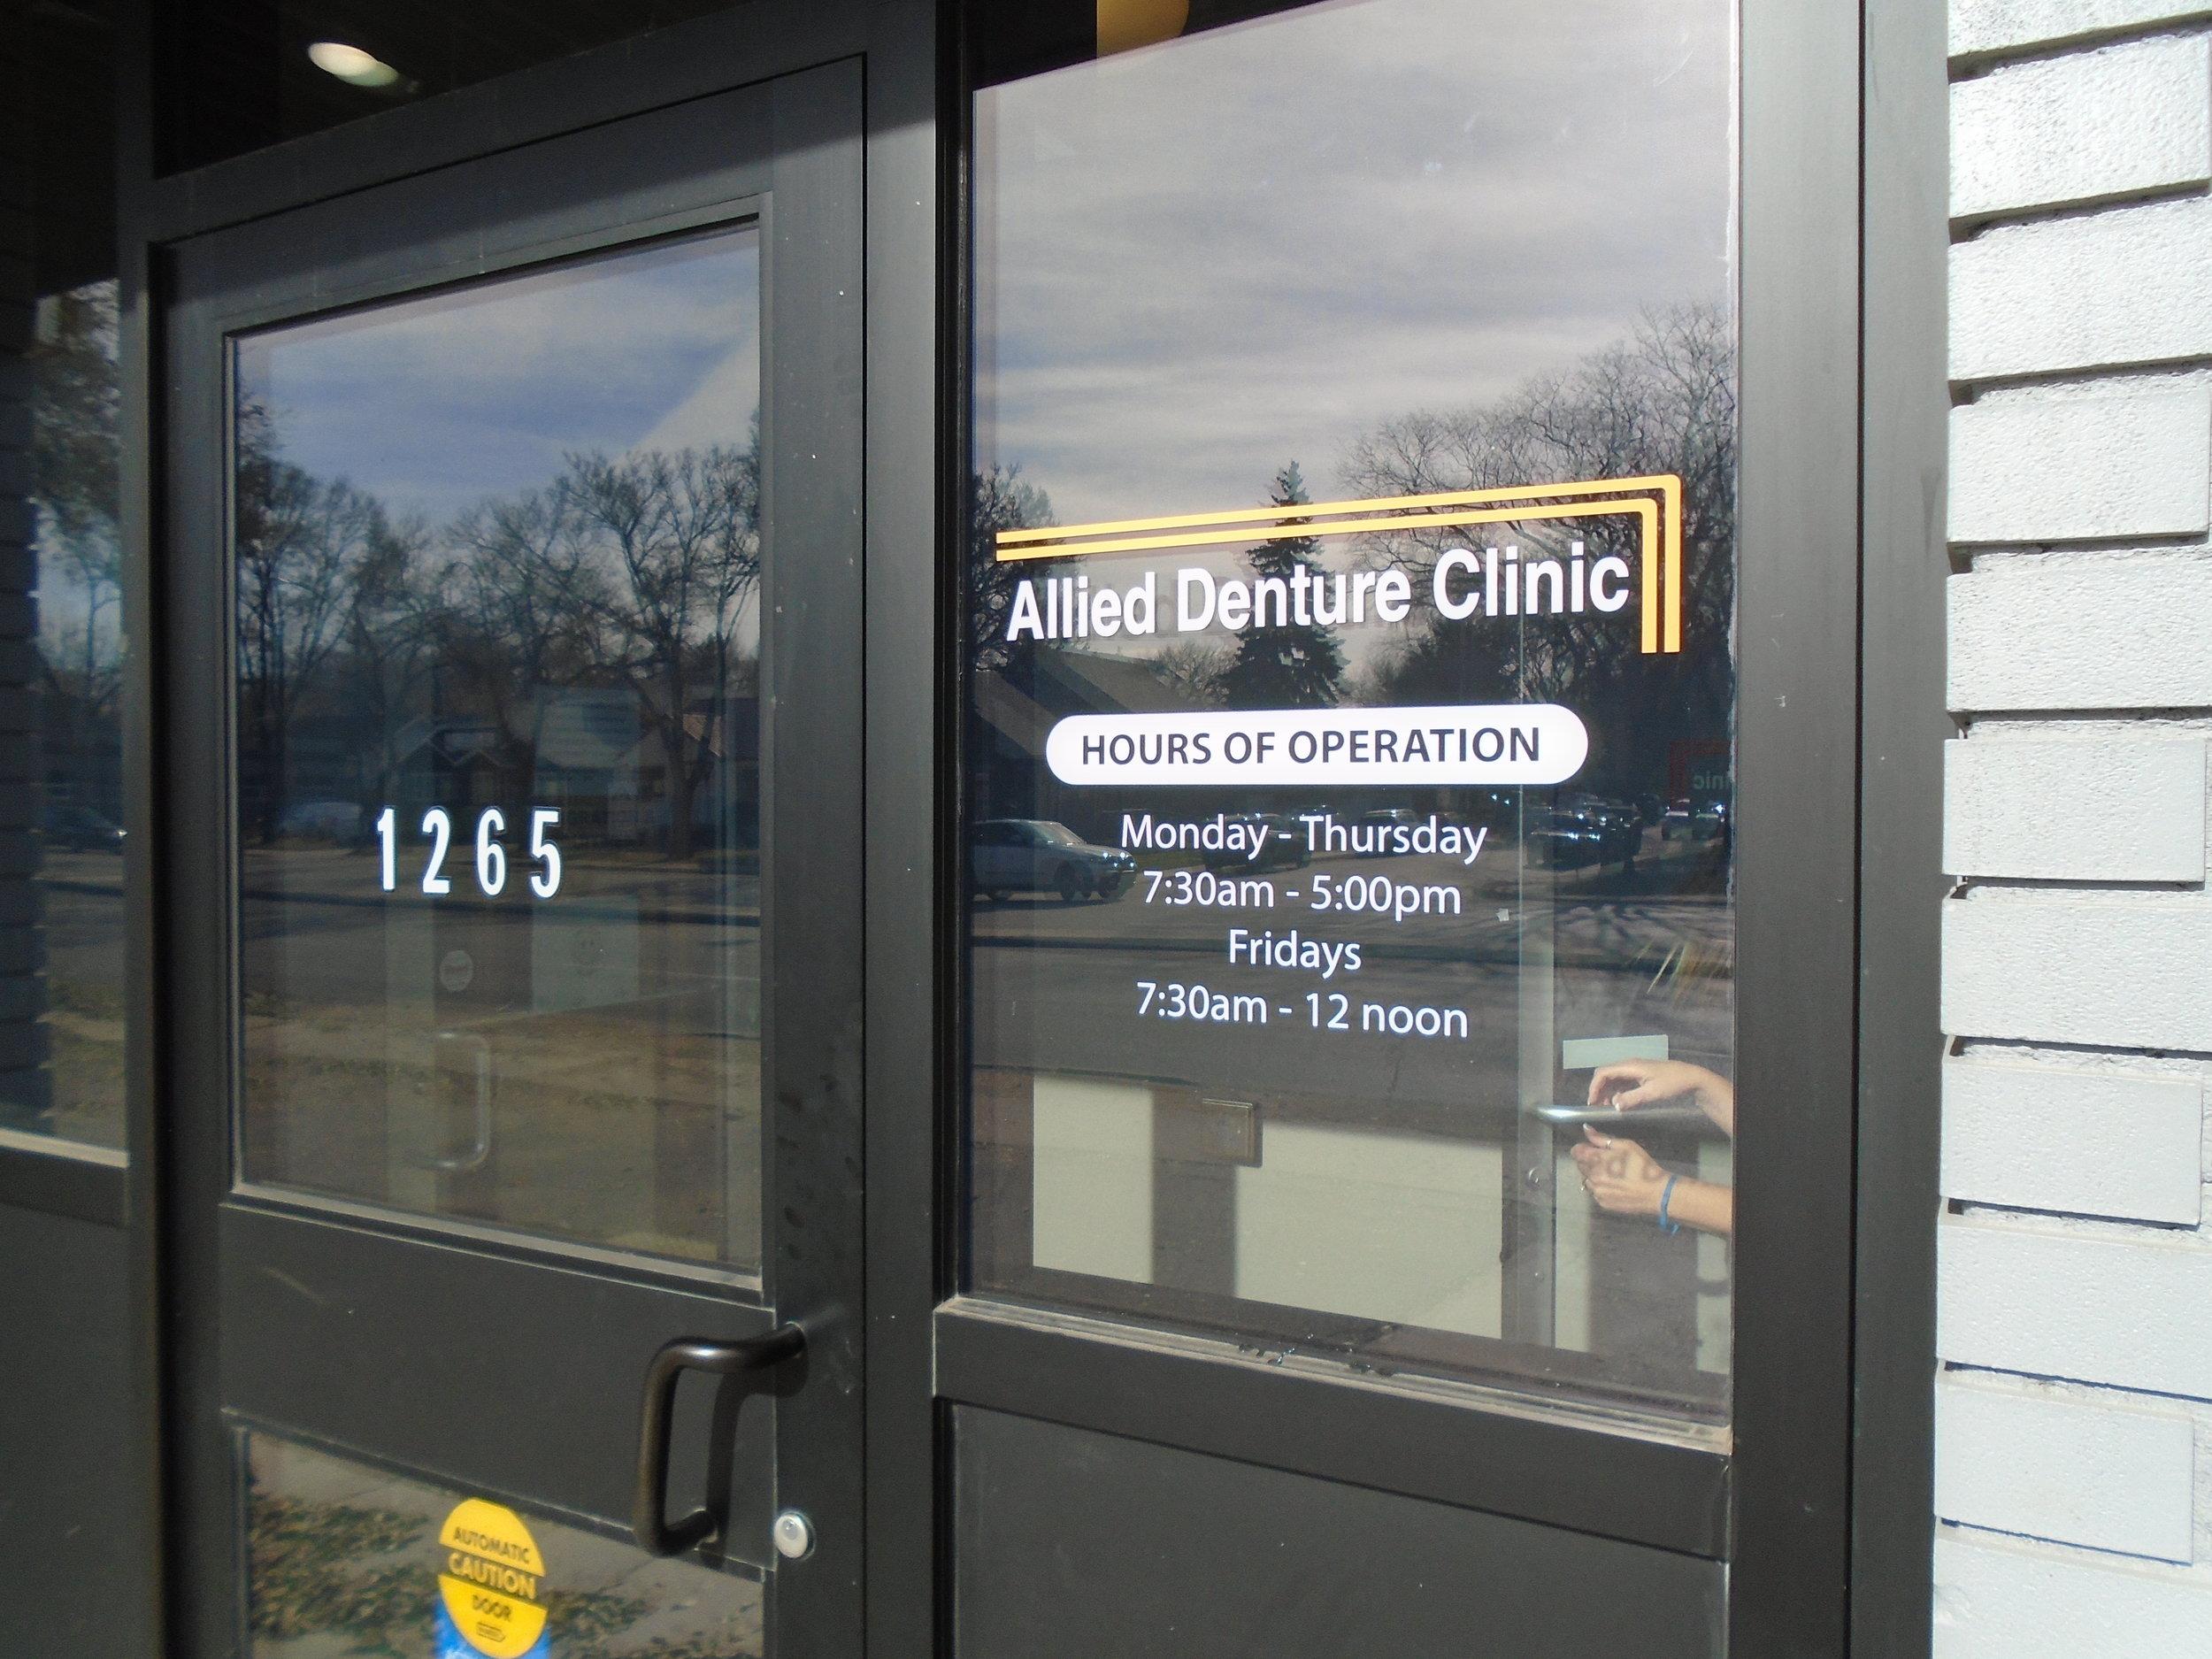 Allied Denture Clinic, Saskatoon